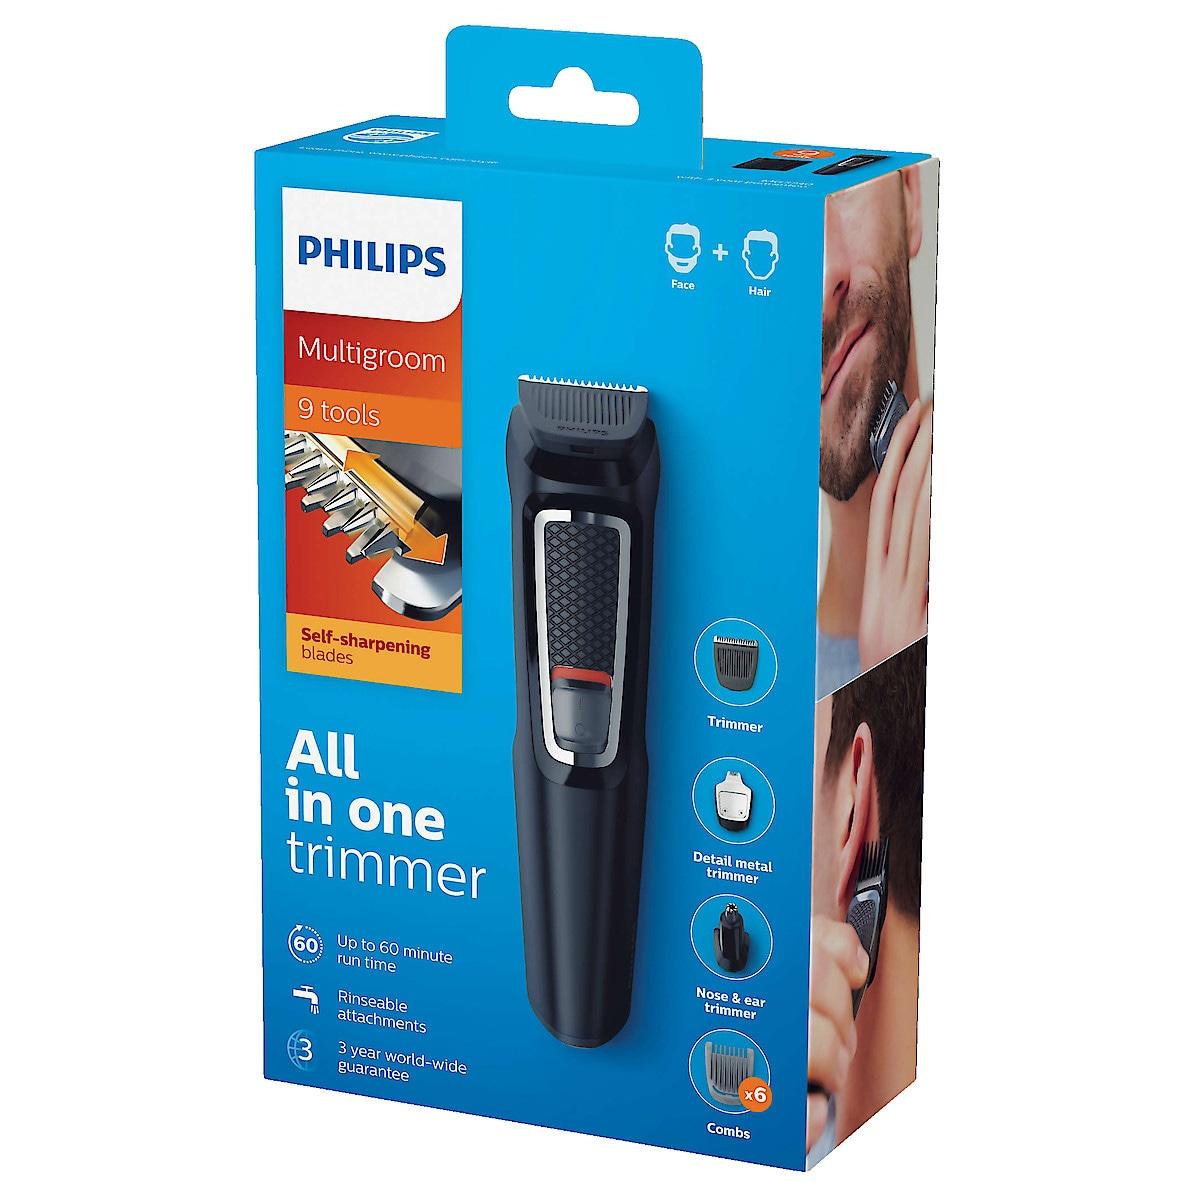 Philips Multigroom Series 3000 9-in-1 Grooming Kit